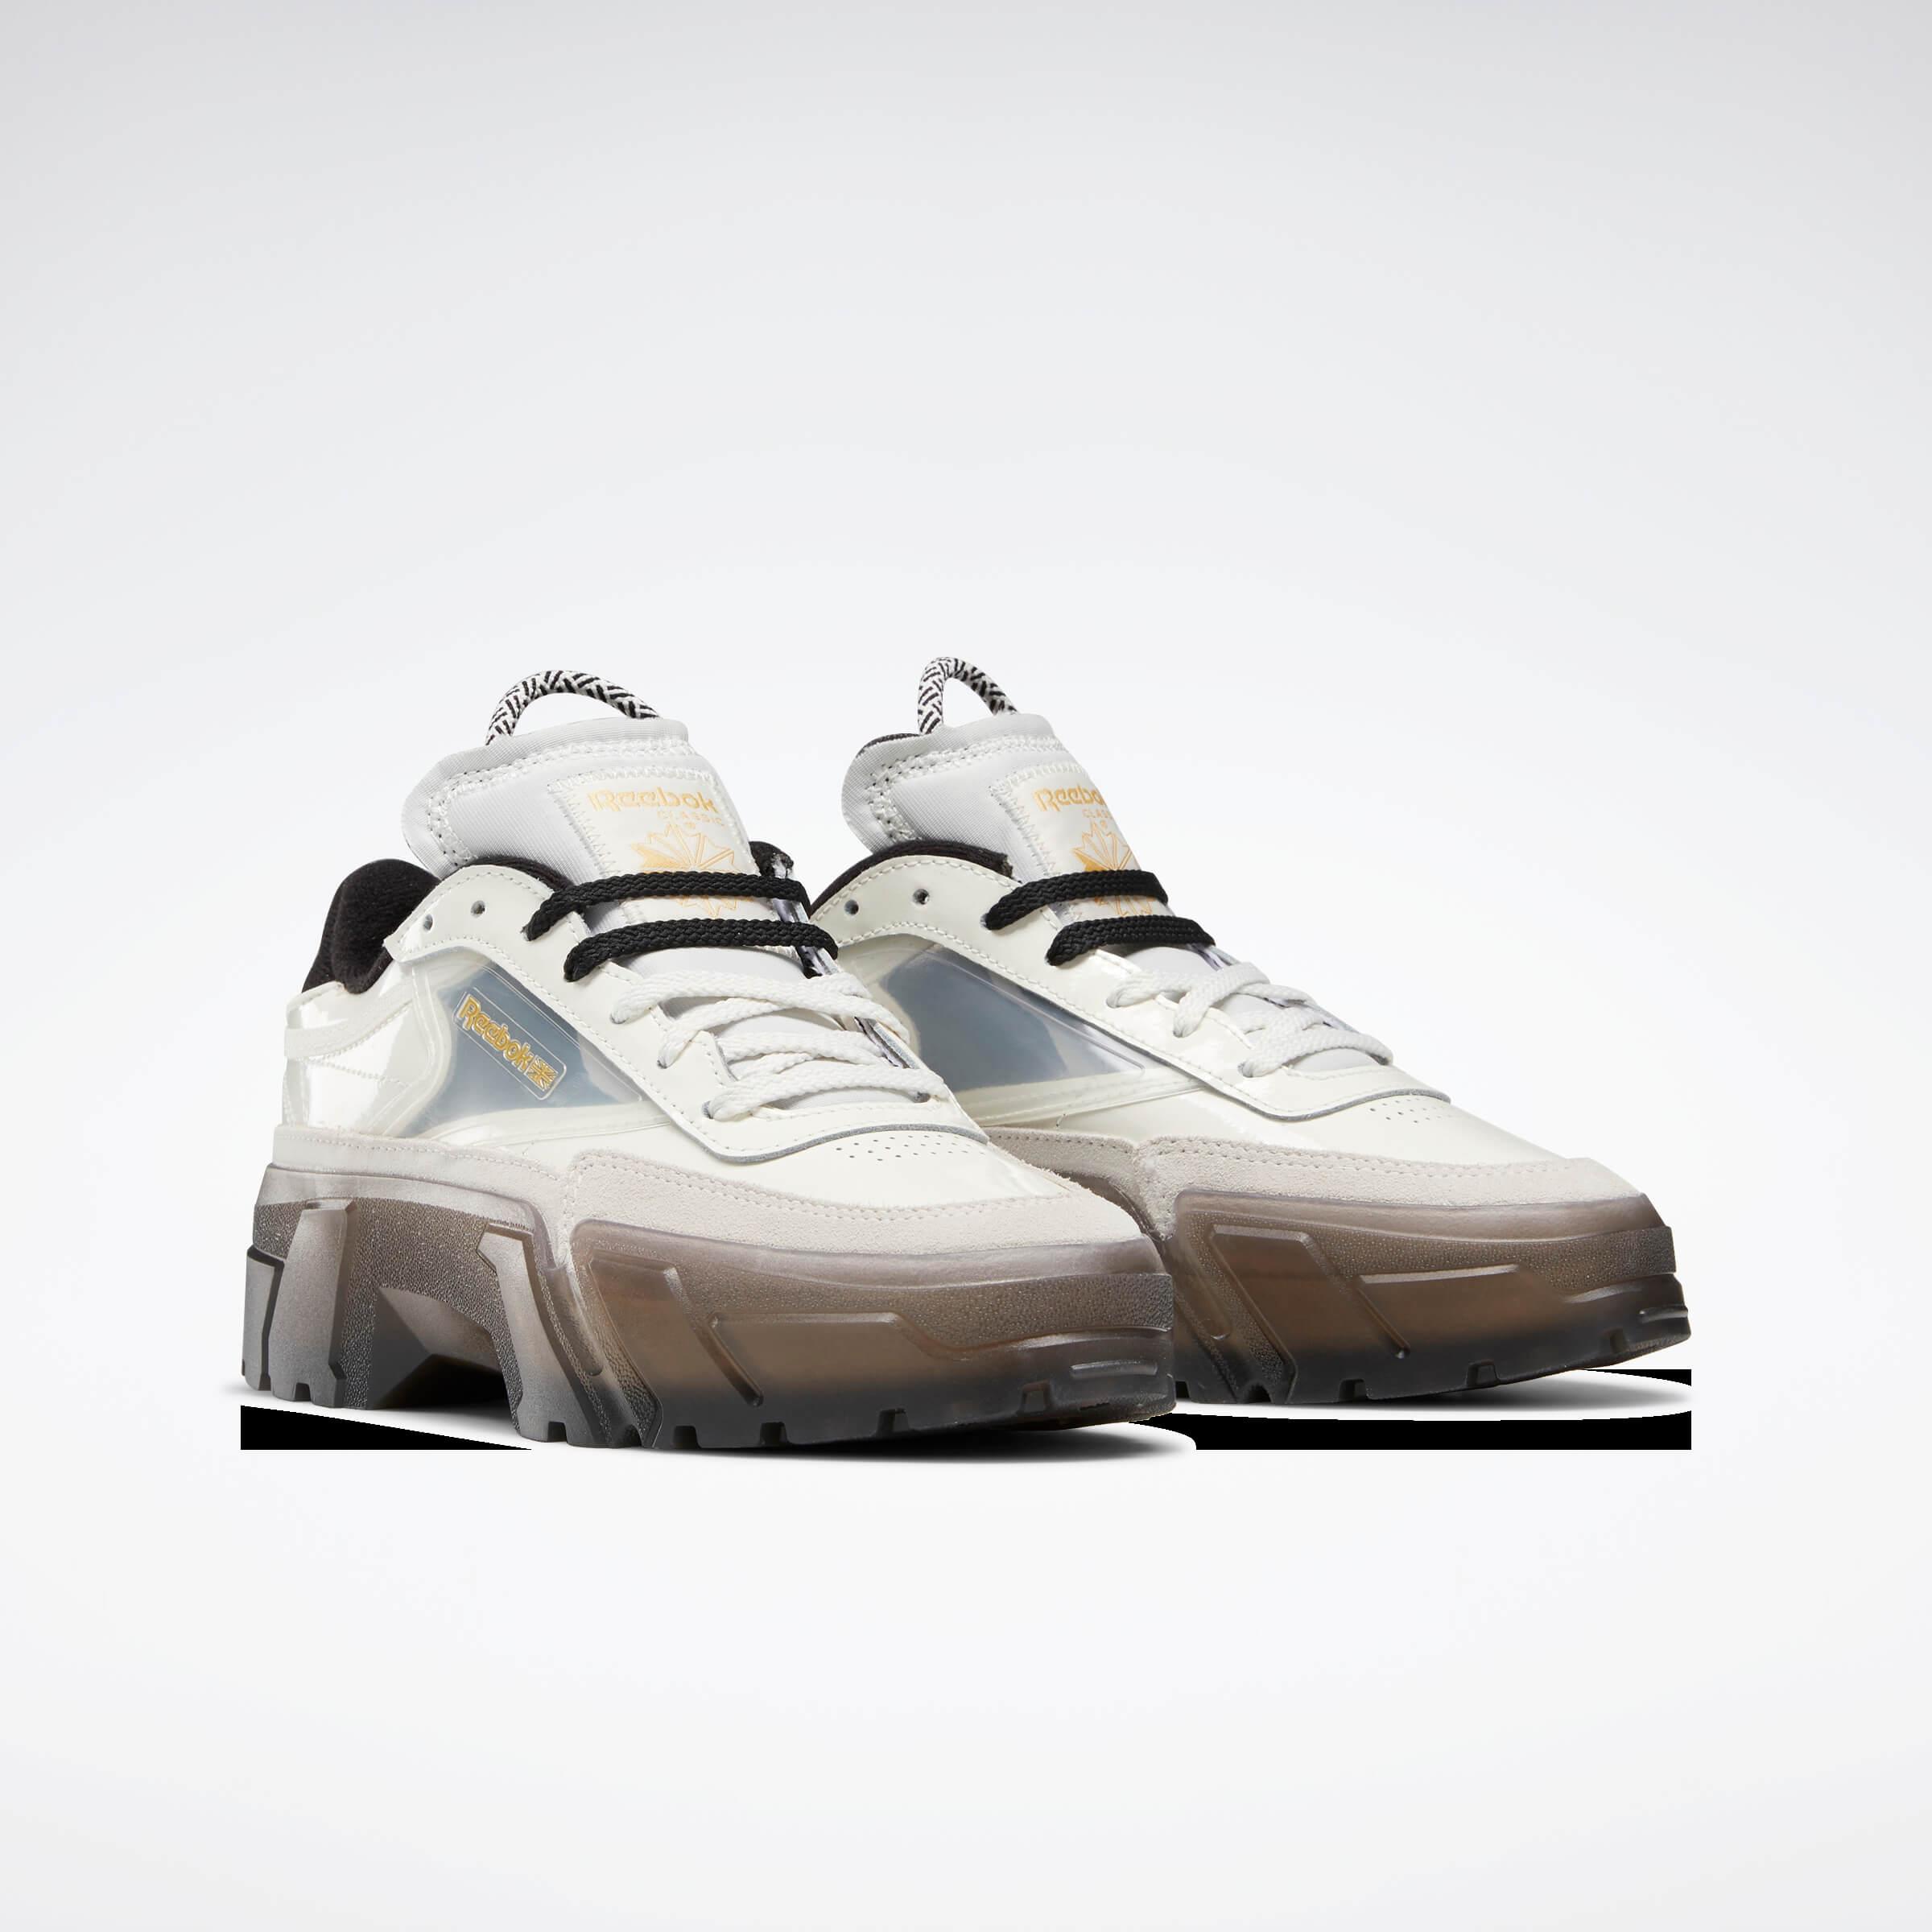 Reebok CLASSIC x Cardi B カーディ・B クラブ シー Cardi B Club C Shoes コラボ product FZ4928 side front